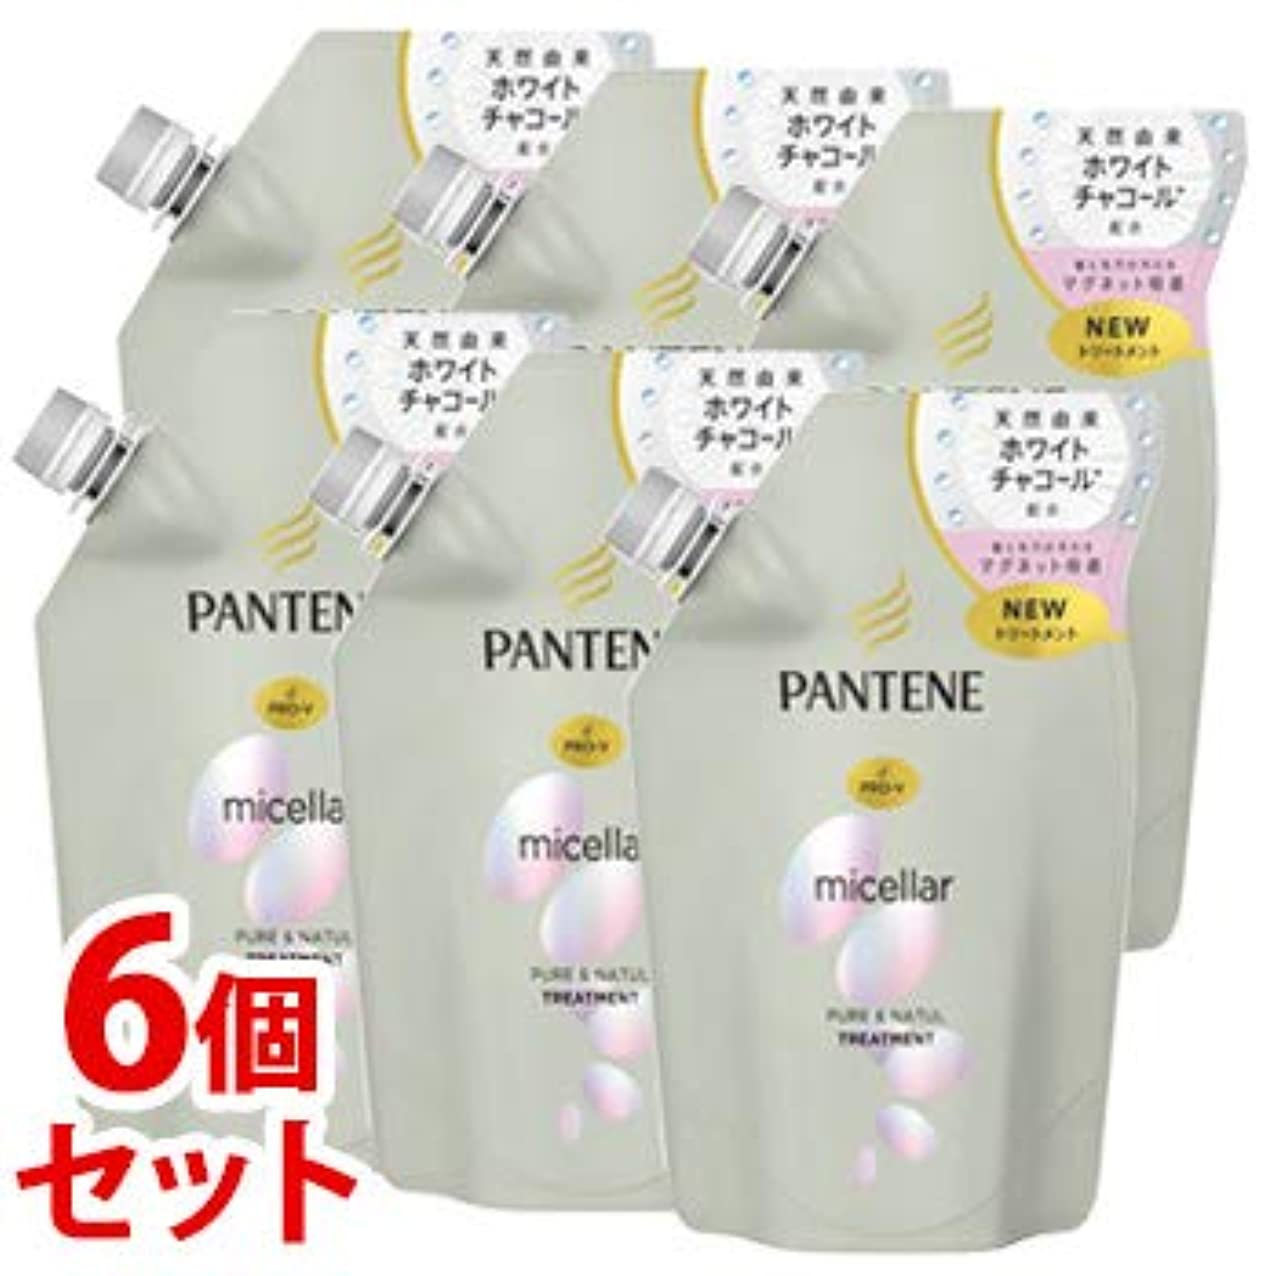 《セット販売》 P&G パンテーン ミセラーシリーズ ピュア&ナチュル トリートメント つめかえ用 (350g)×6個セット 詰め替え用 ミセラー